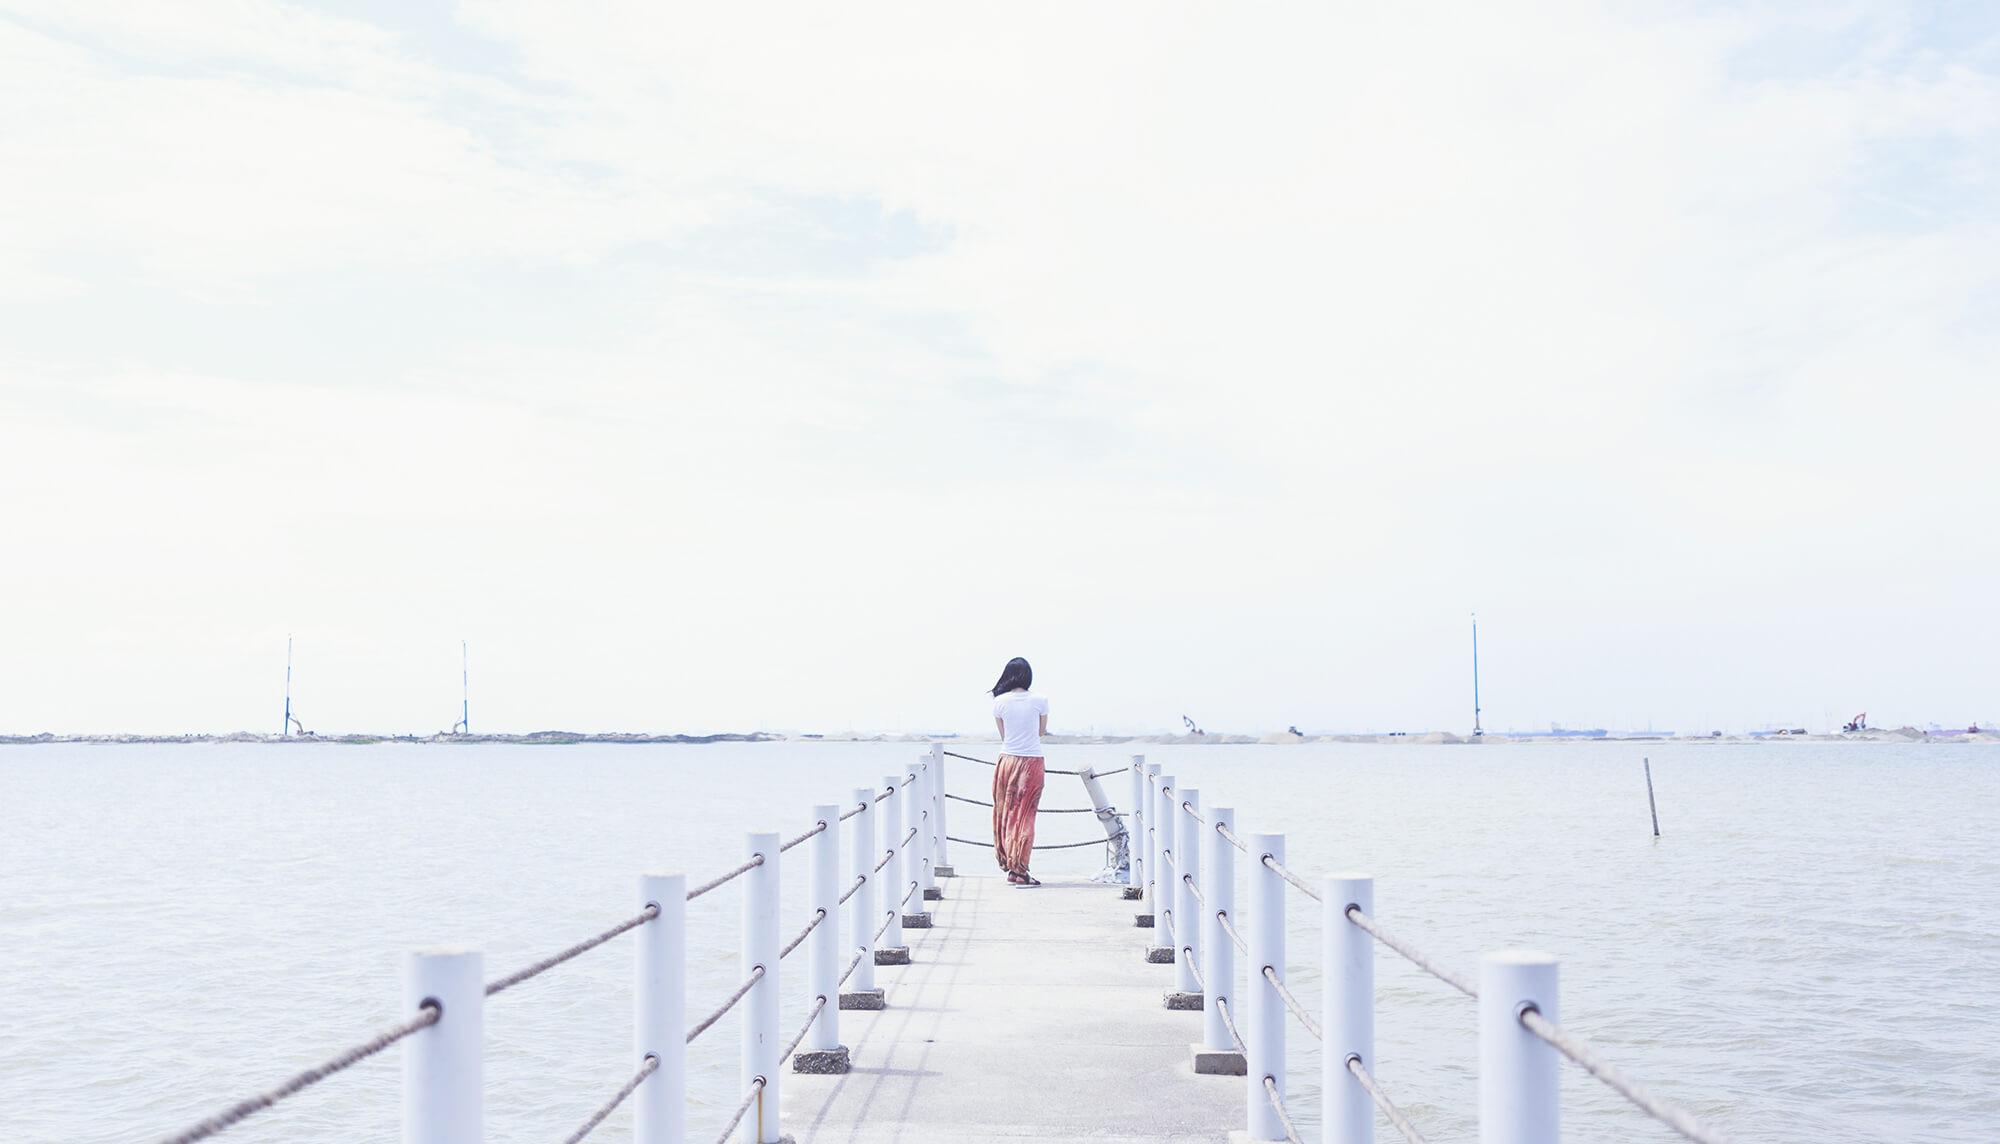 zeeparken-blog-rustig-2